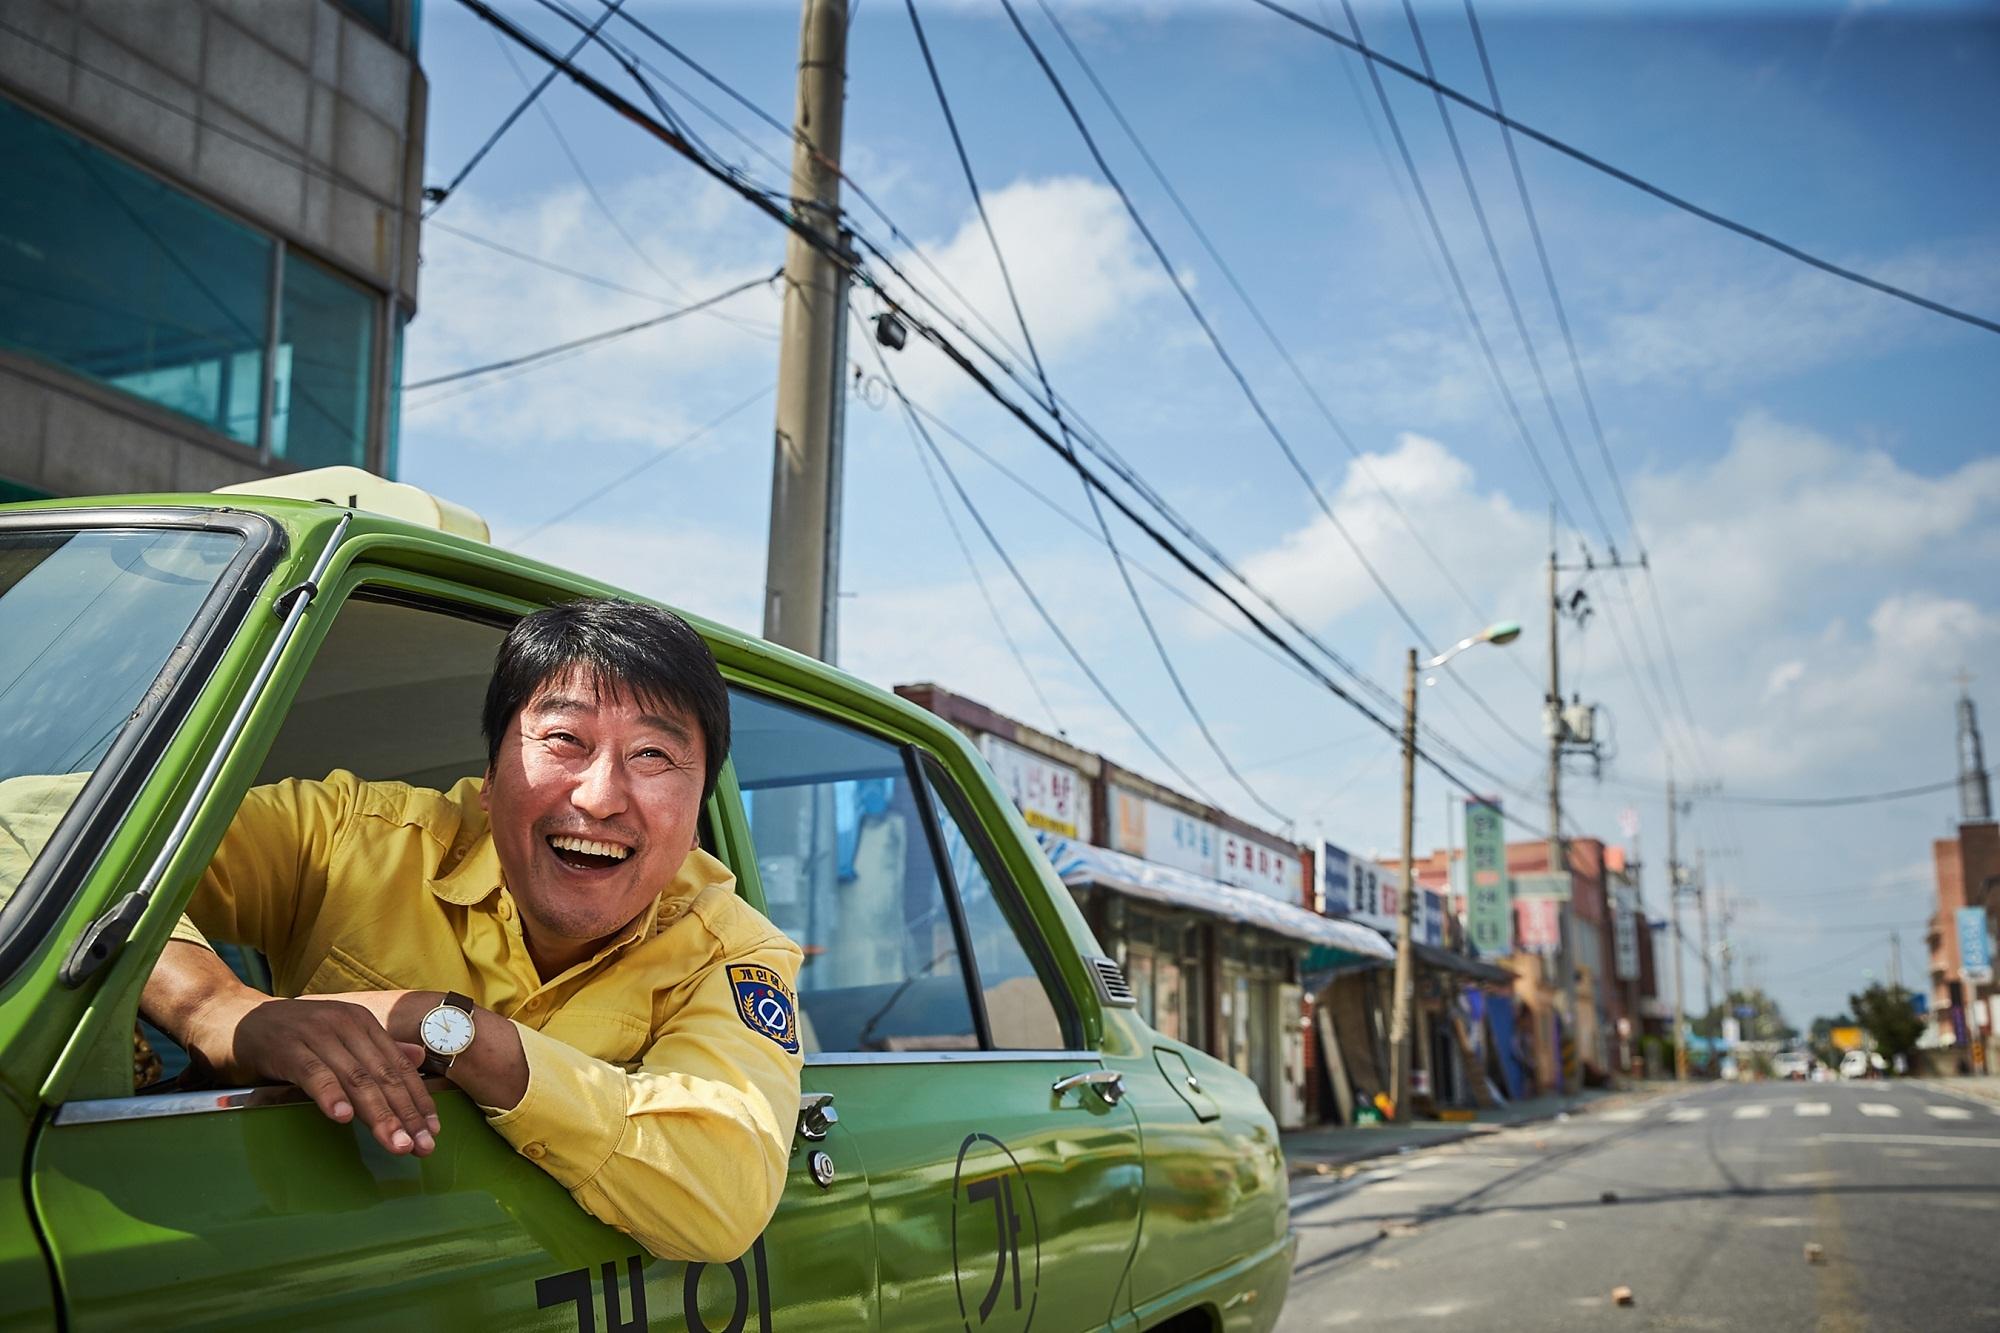 영화제는 2 월 22 일부터 XNUMX 일까지 열립니다. 사진 : 영화 '택시 운전사 : 광주의 영웅들'의 스틸 사진.